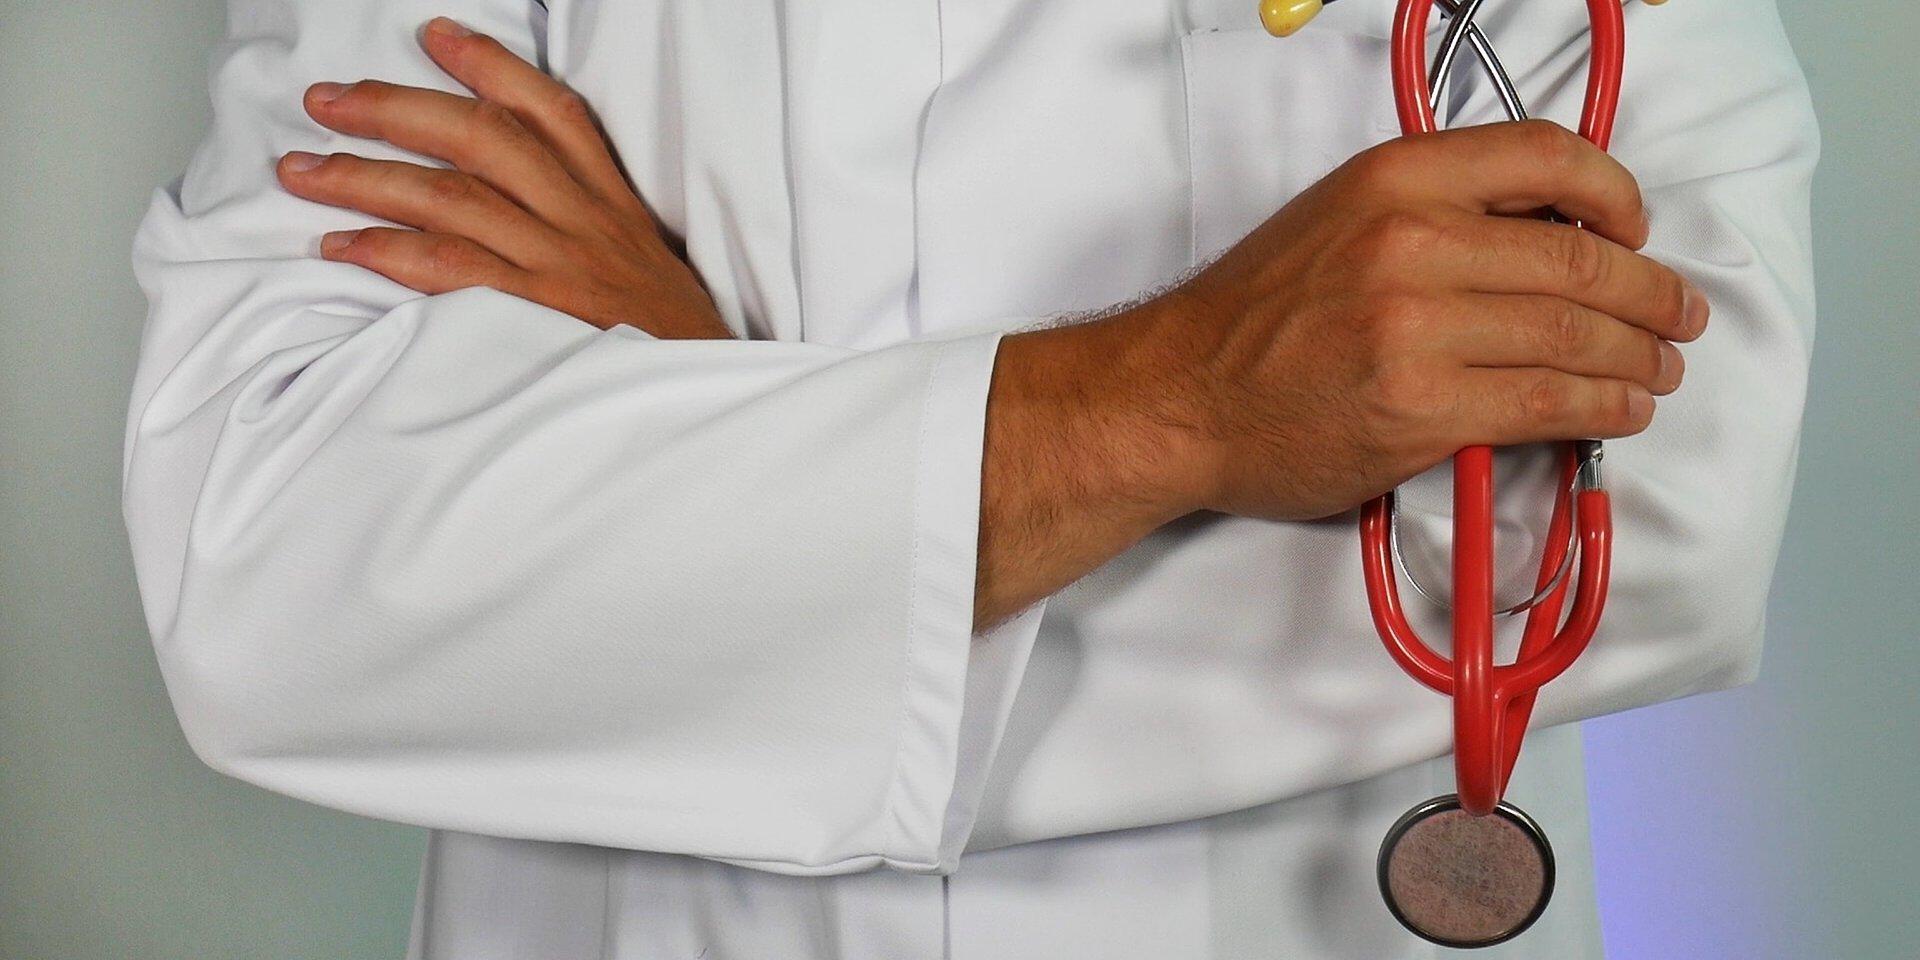 Ofrece Doctoralia más alternativas digitales para los pacientes 3.0